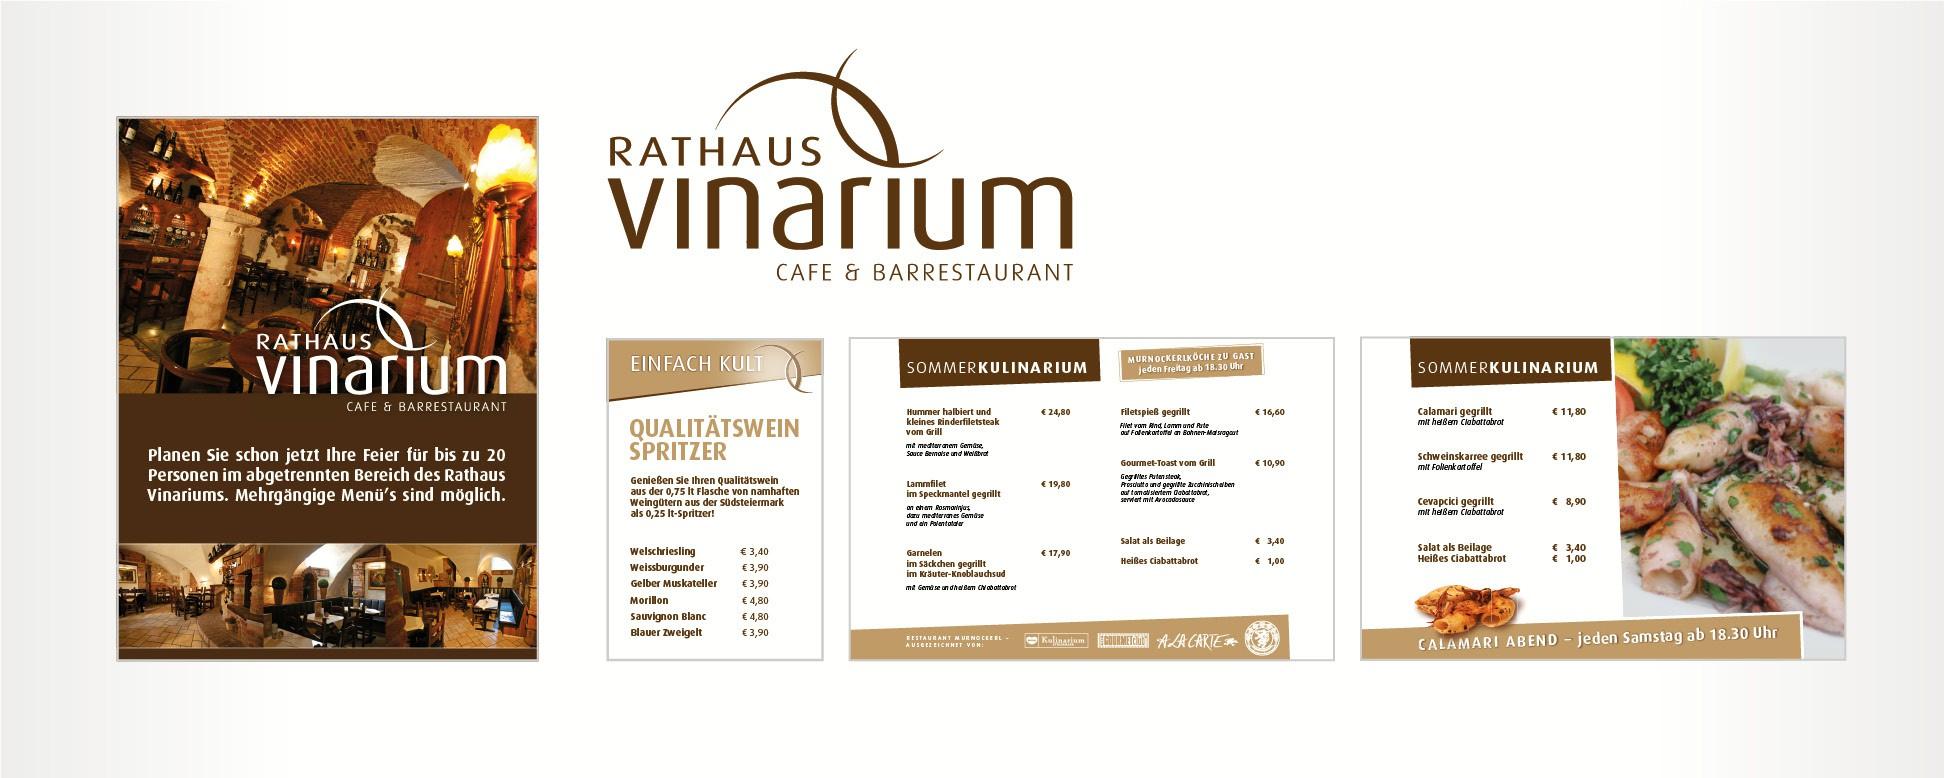 rathaus-vinarium